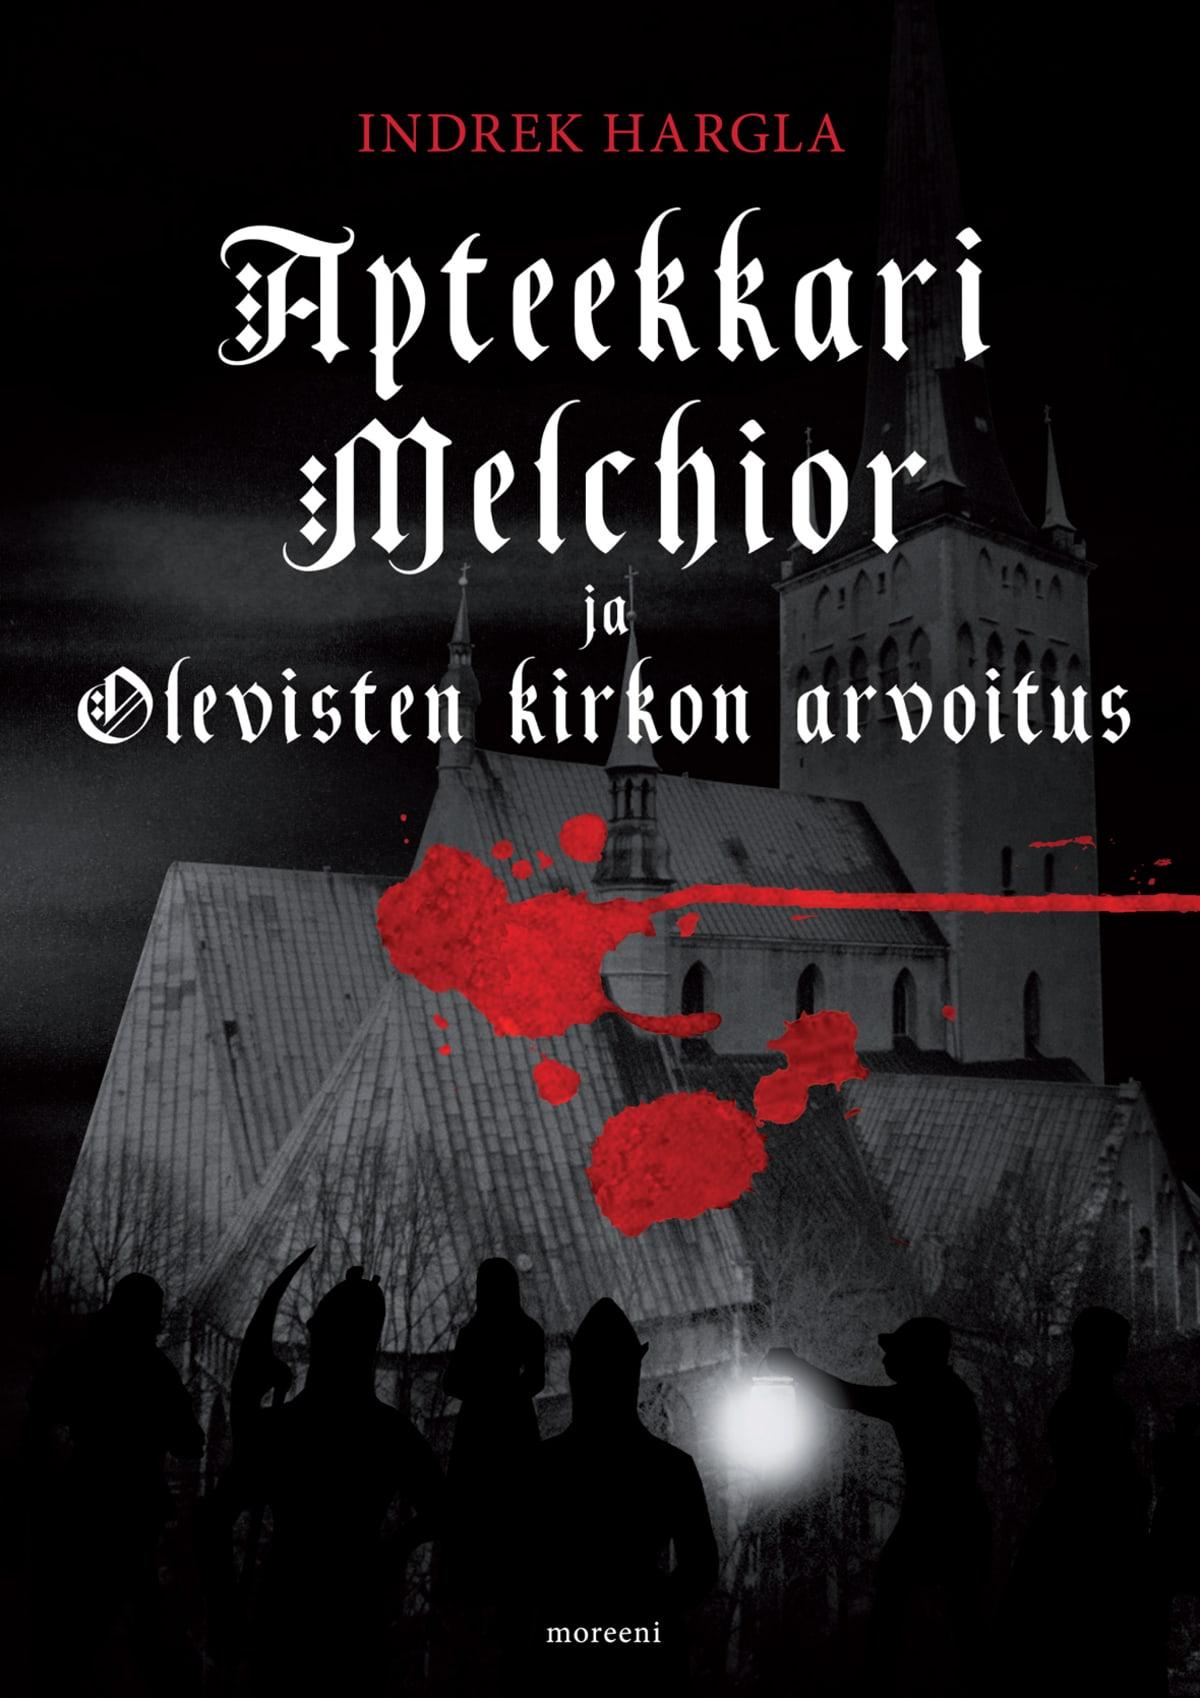 Harglan ensimmäisen Melchior-kirjan kansi, Olevisten kirkon arvoitus